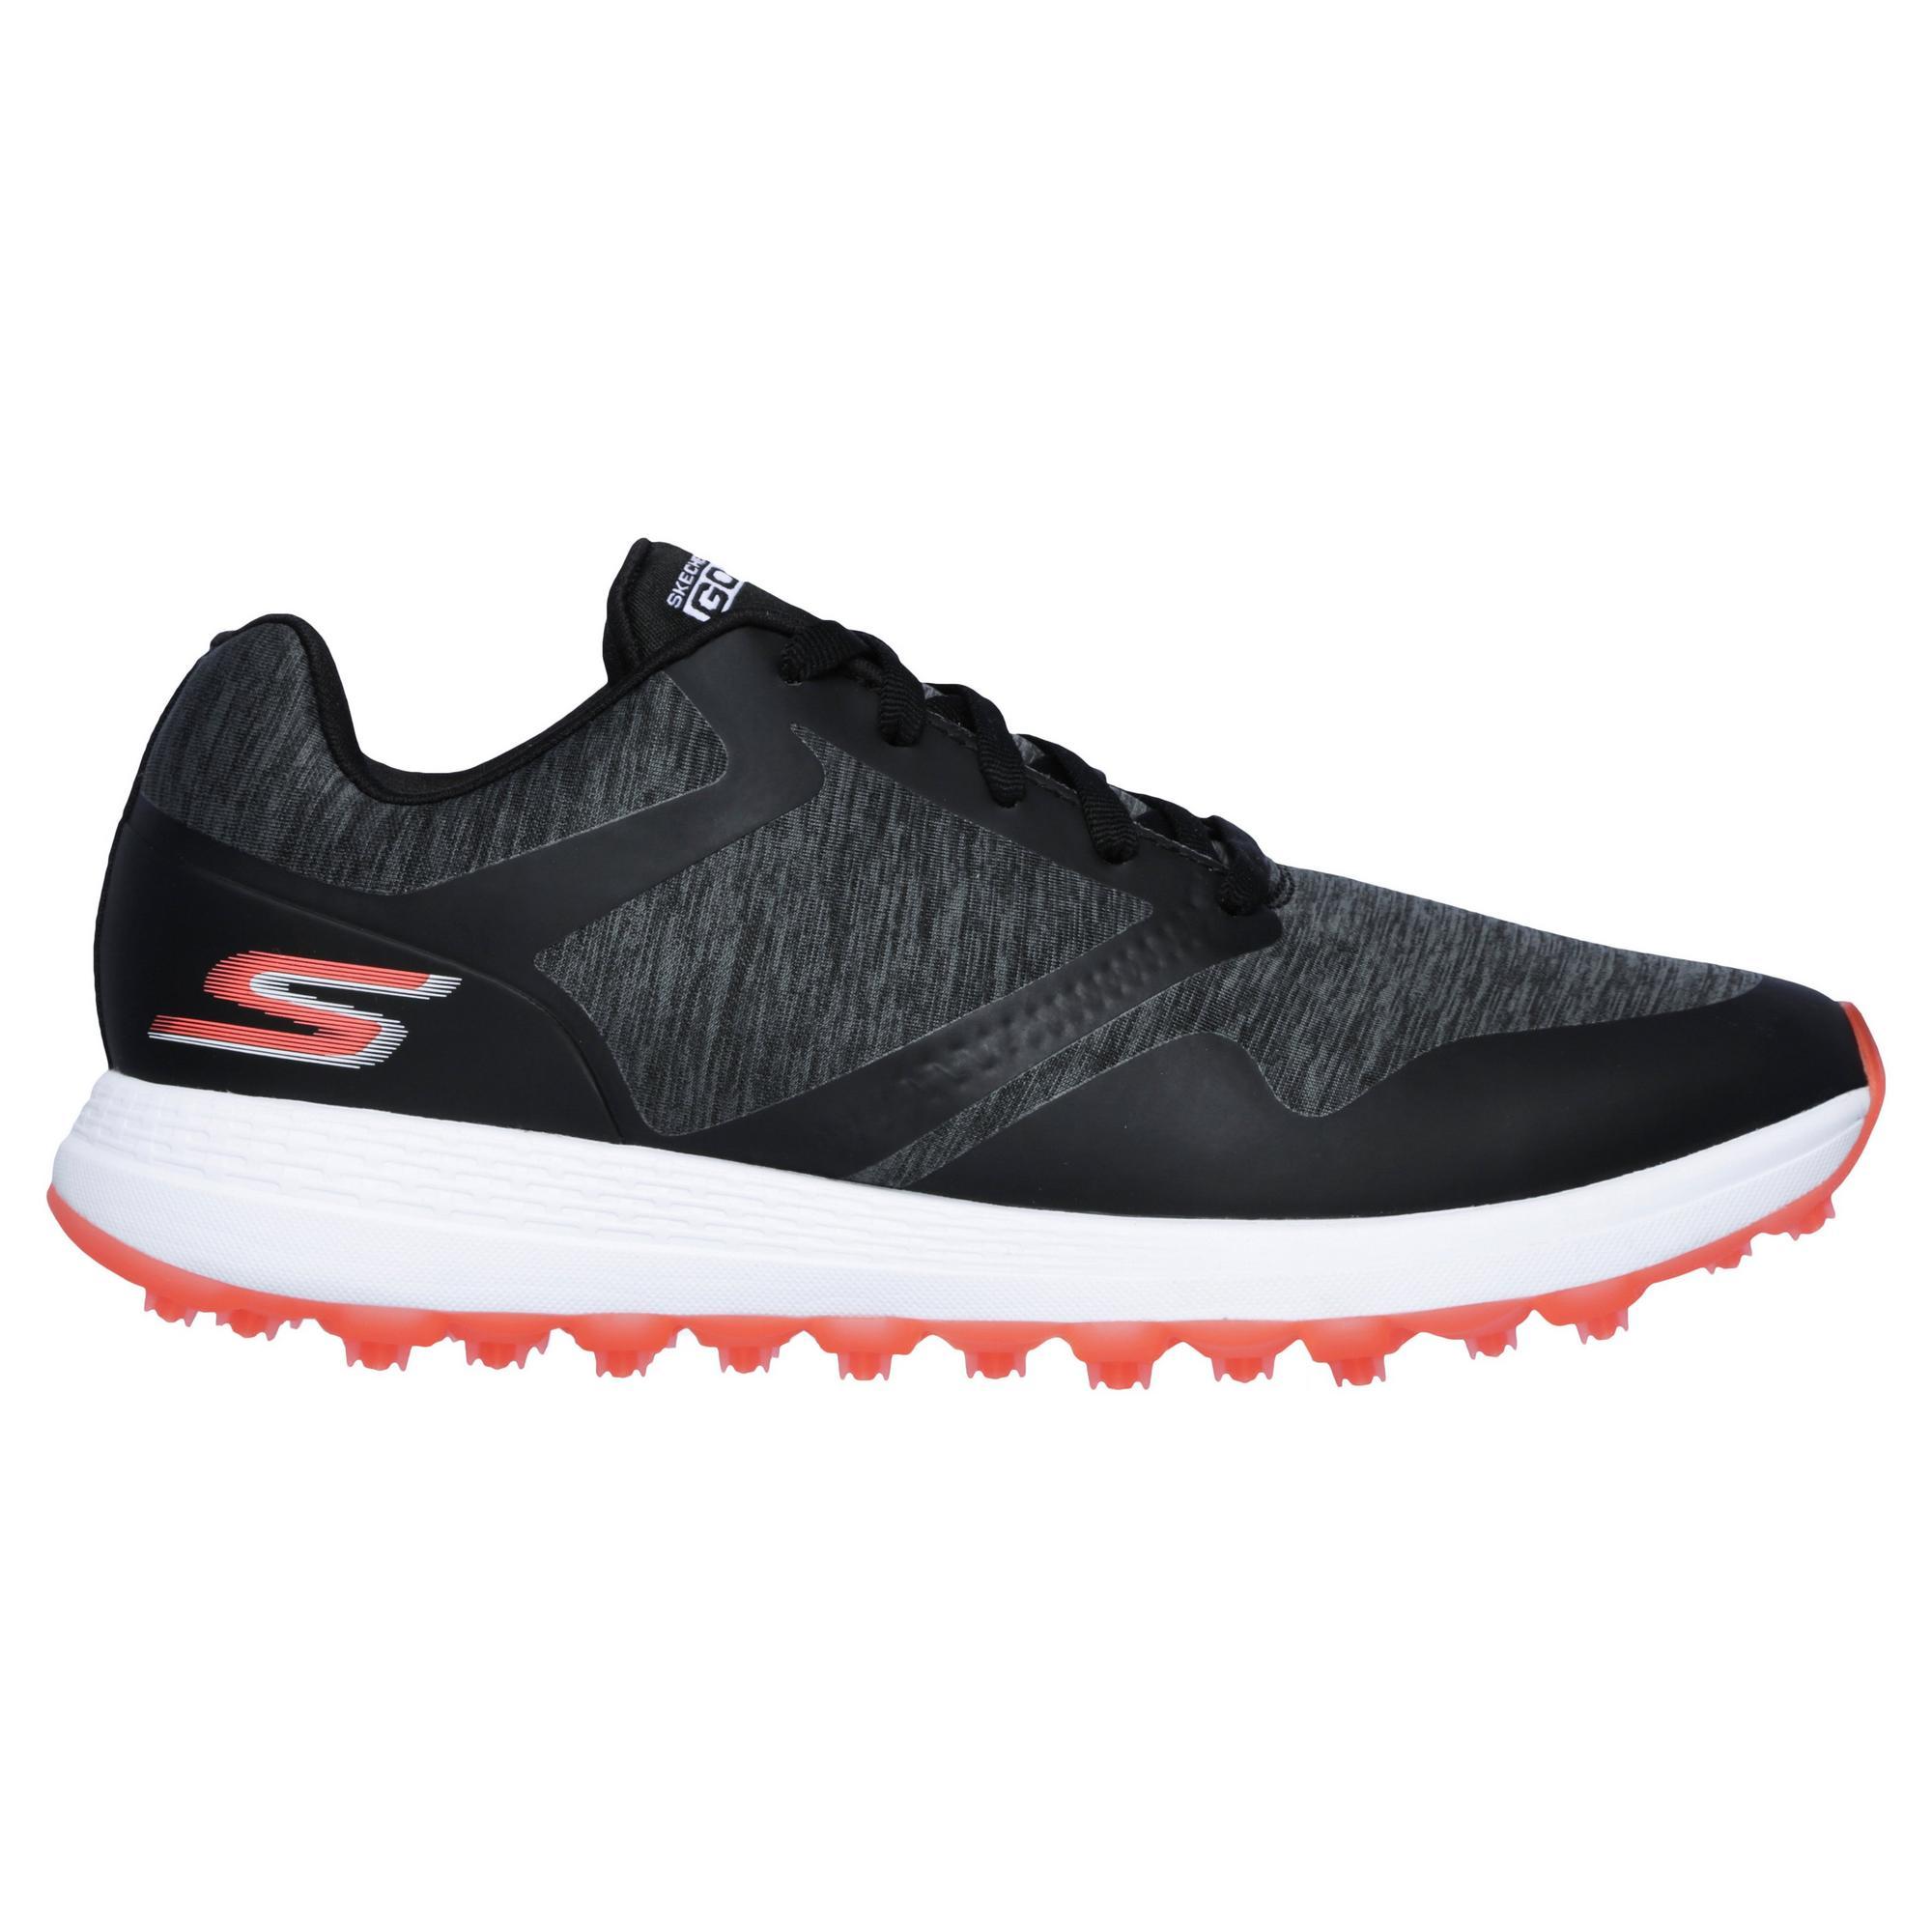 Women's Go Golf Max Cut Spikeless Golf Shoe - BLACK/PINK